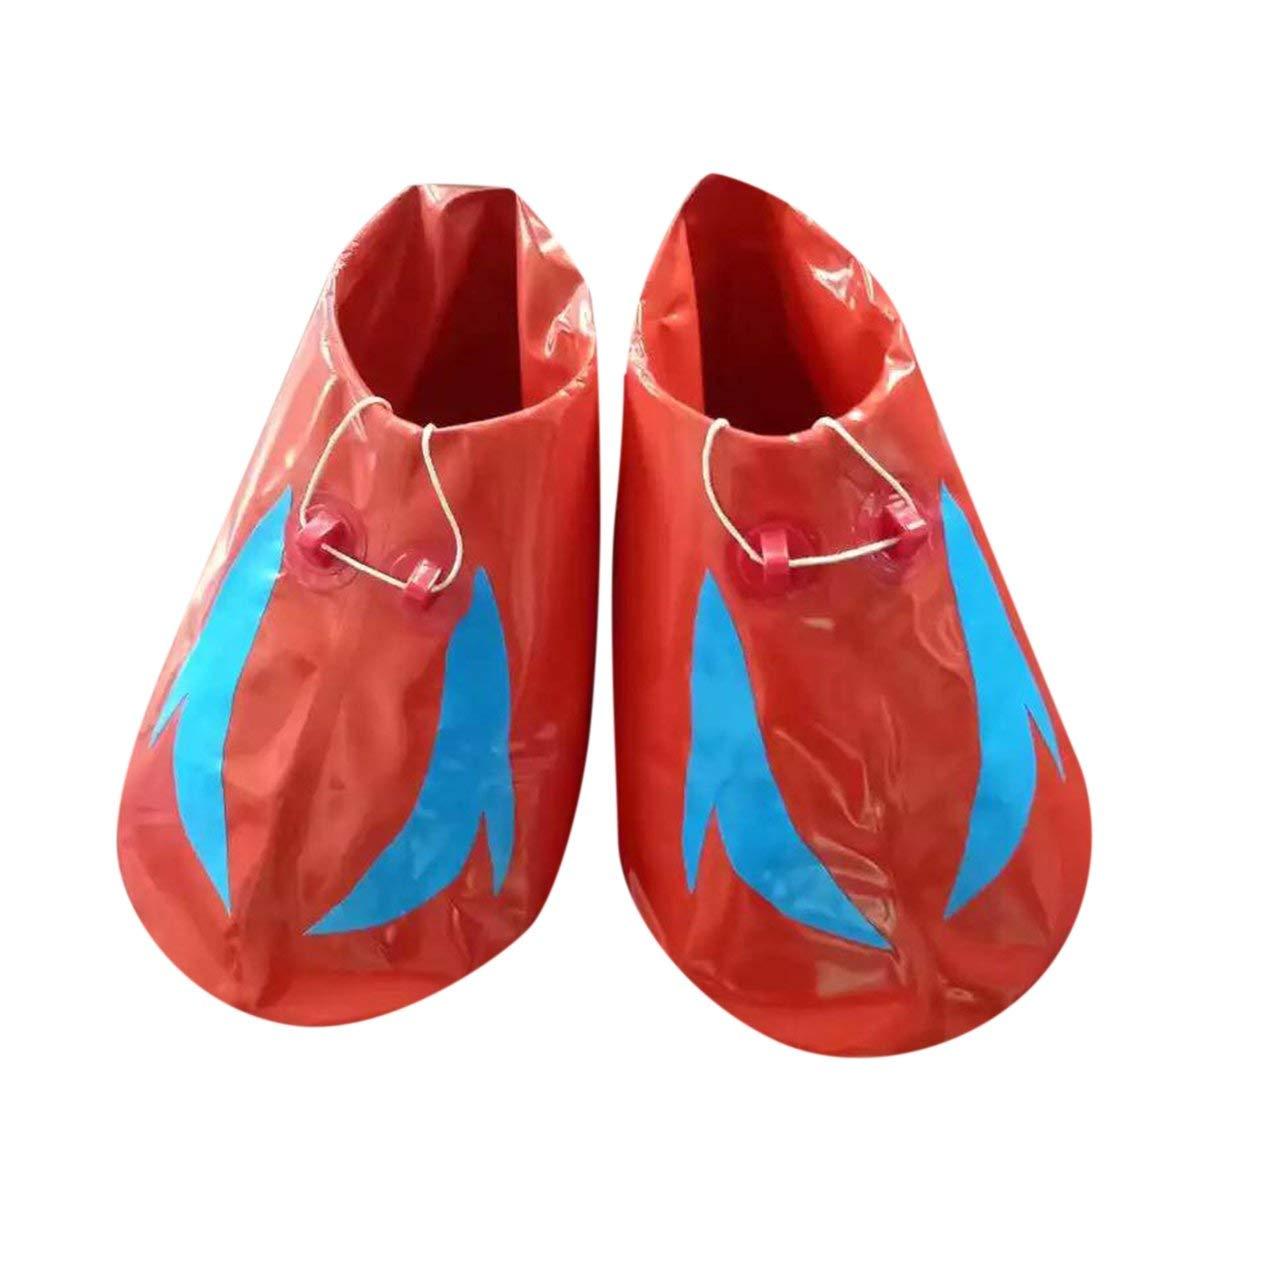 Diversión Juegos Deportivos Puntales Los pies Grandes Zapatos al Aire Libre Entre Padres e Hijos Equipo para Deportes